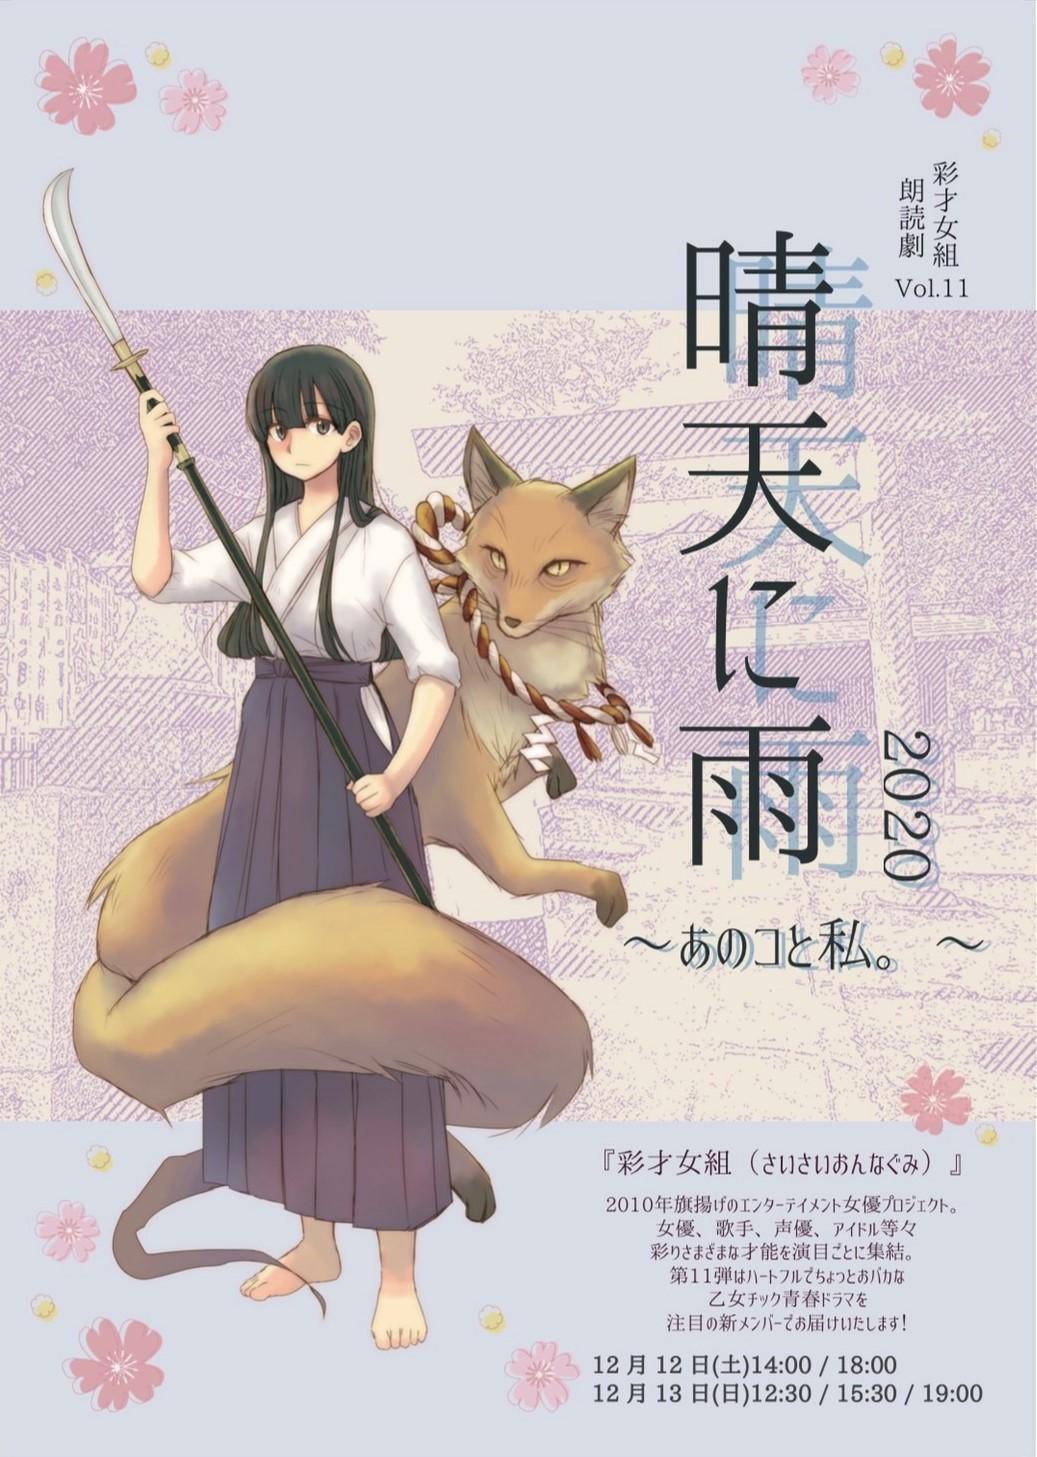 【第1回】彩才女組Vol.11 朗読劇「晴天に雨2020 〜あのコと私。〜」